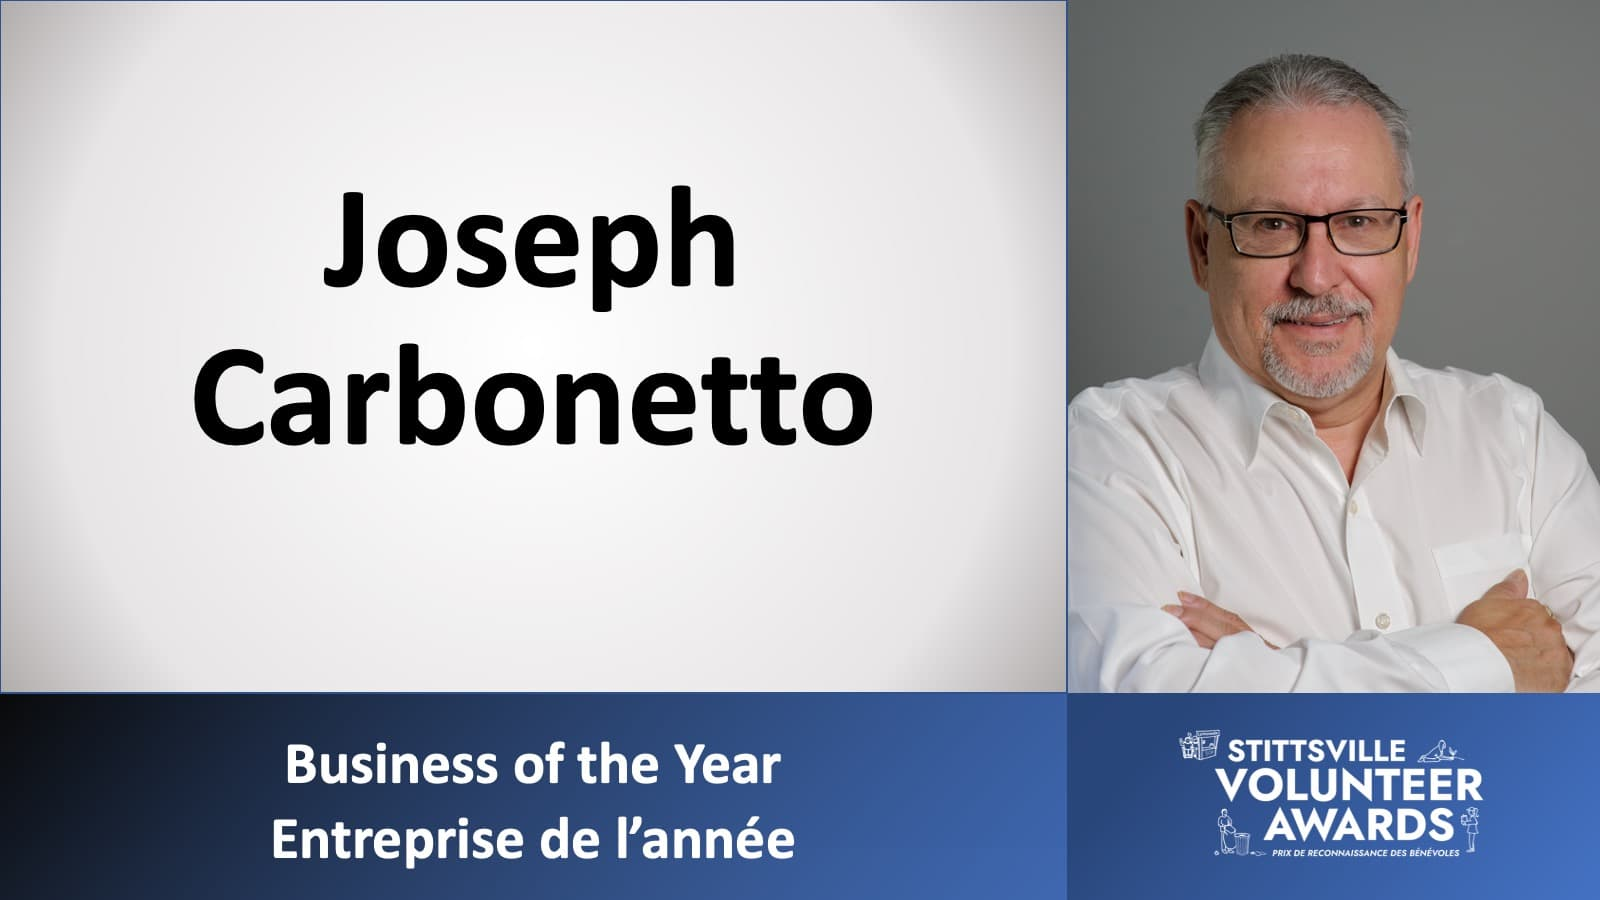 Joseph Carbonetto